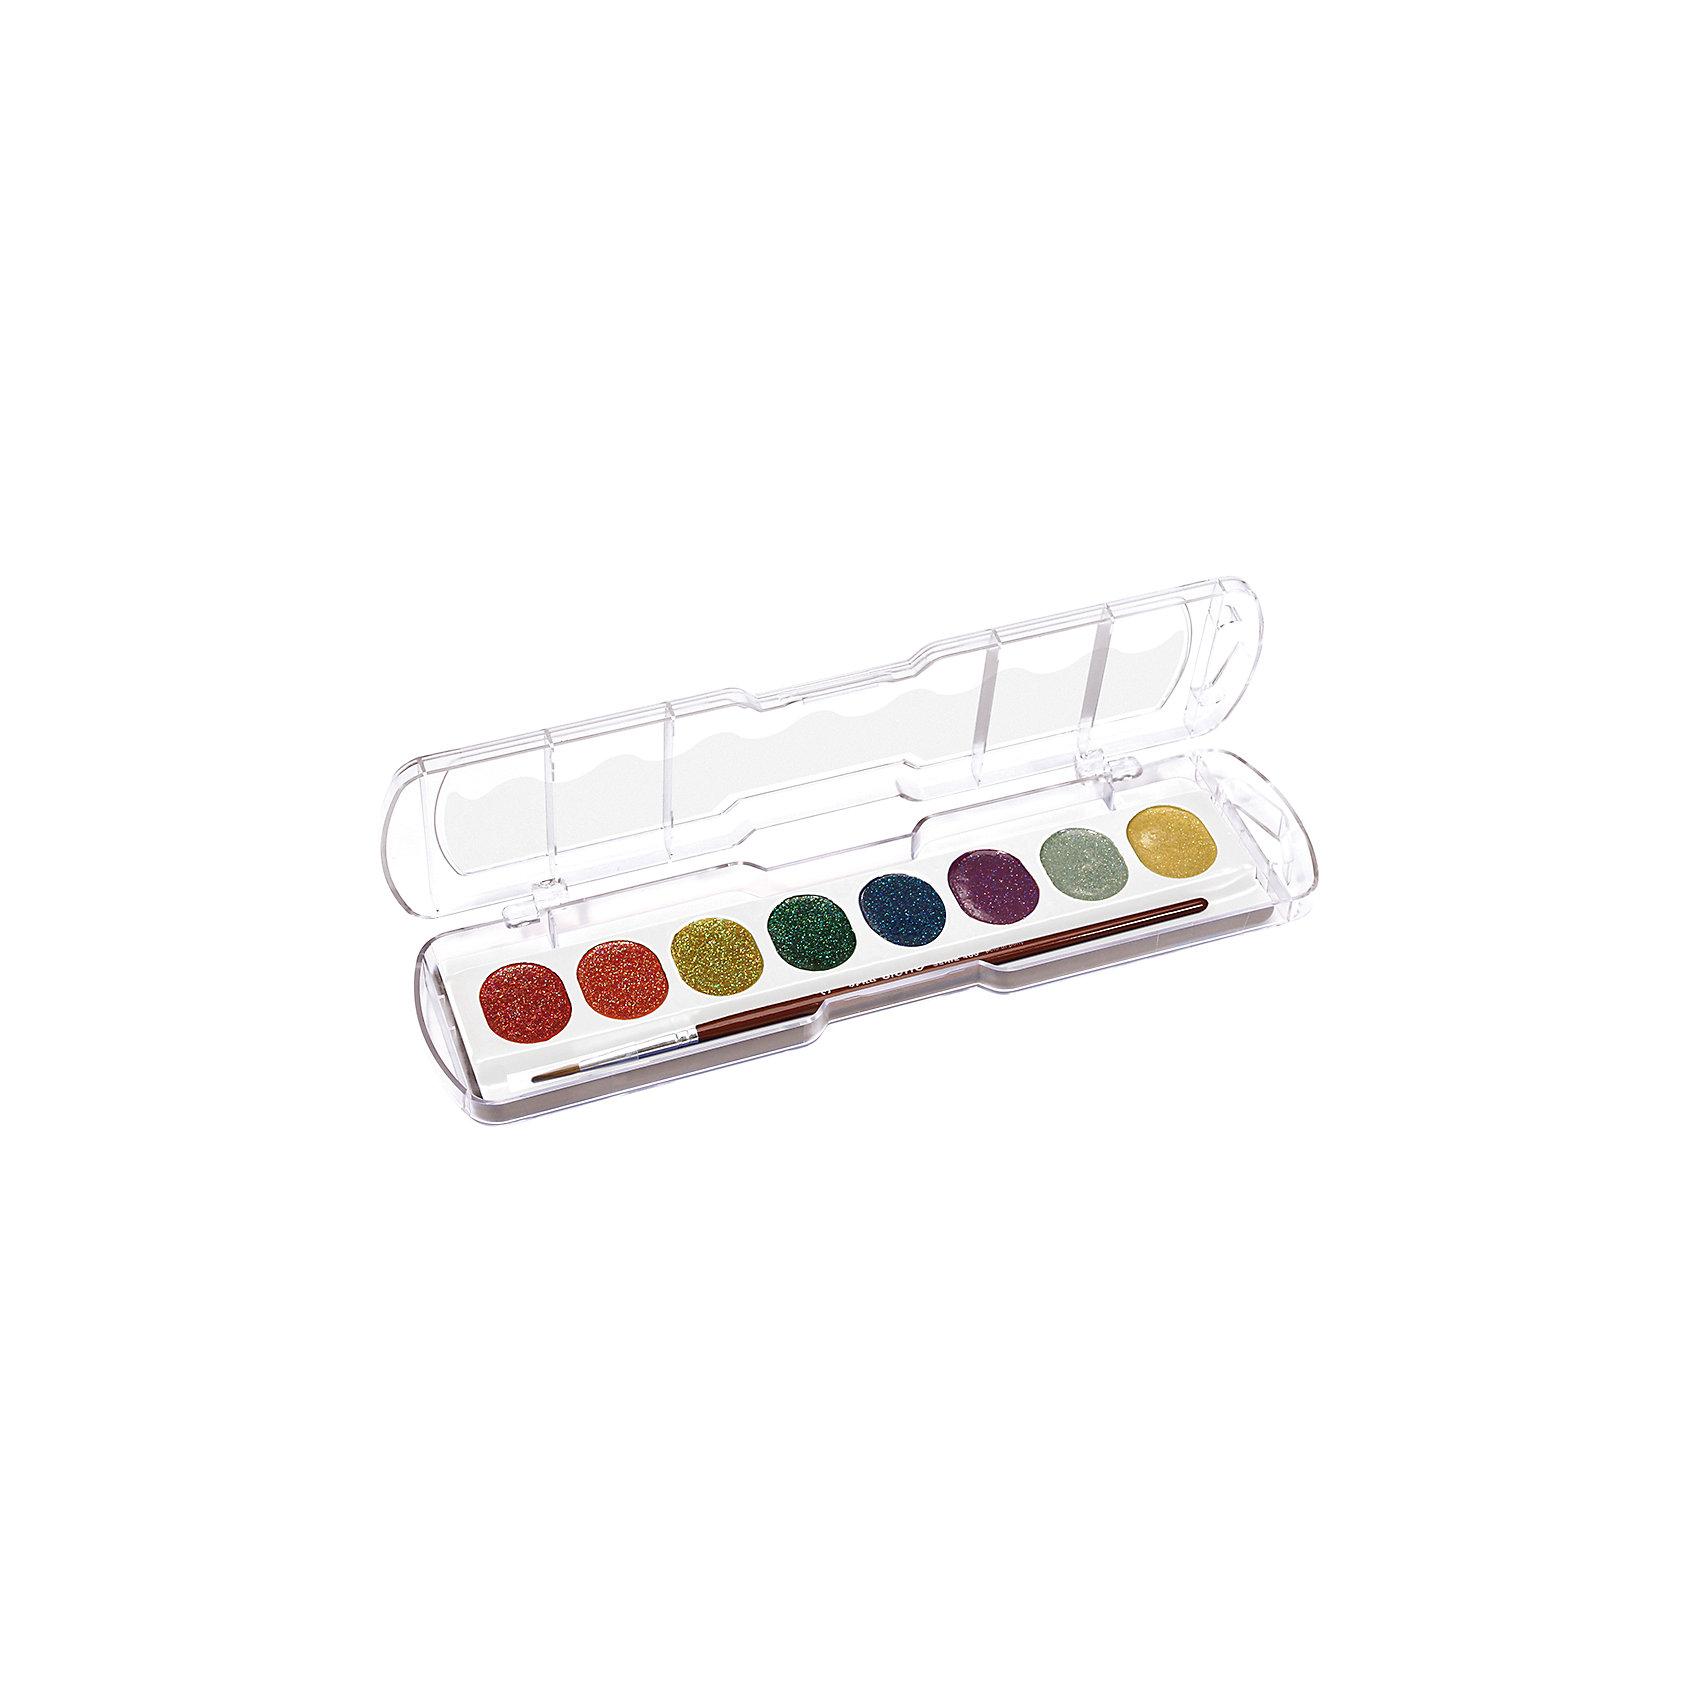 Акварель с глиттером 8 цветовАкварель с глиттером 8 цв. Создает блестящий эффект на поверхности бумаге, при высыхании эффект сохраняется. Цвета смешиваются друг с другом и идеально размываются водой. Подходит для творческих и декоративных работ. В наборе с кистью.<br><br>Ширина мм: 65<br>Глубина мм: 18<br>Высота мм: 230<br>Вес г: 102<br>Возраст от месяцев: 72<br>Возраст до месяцев: 120<br>Пол: Унисекс<br>Возраст: Детский<br>SKU: 5107816